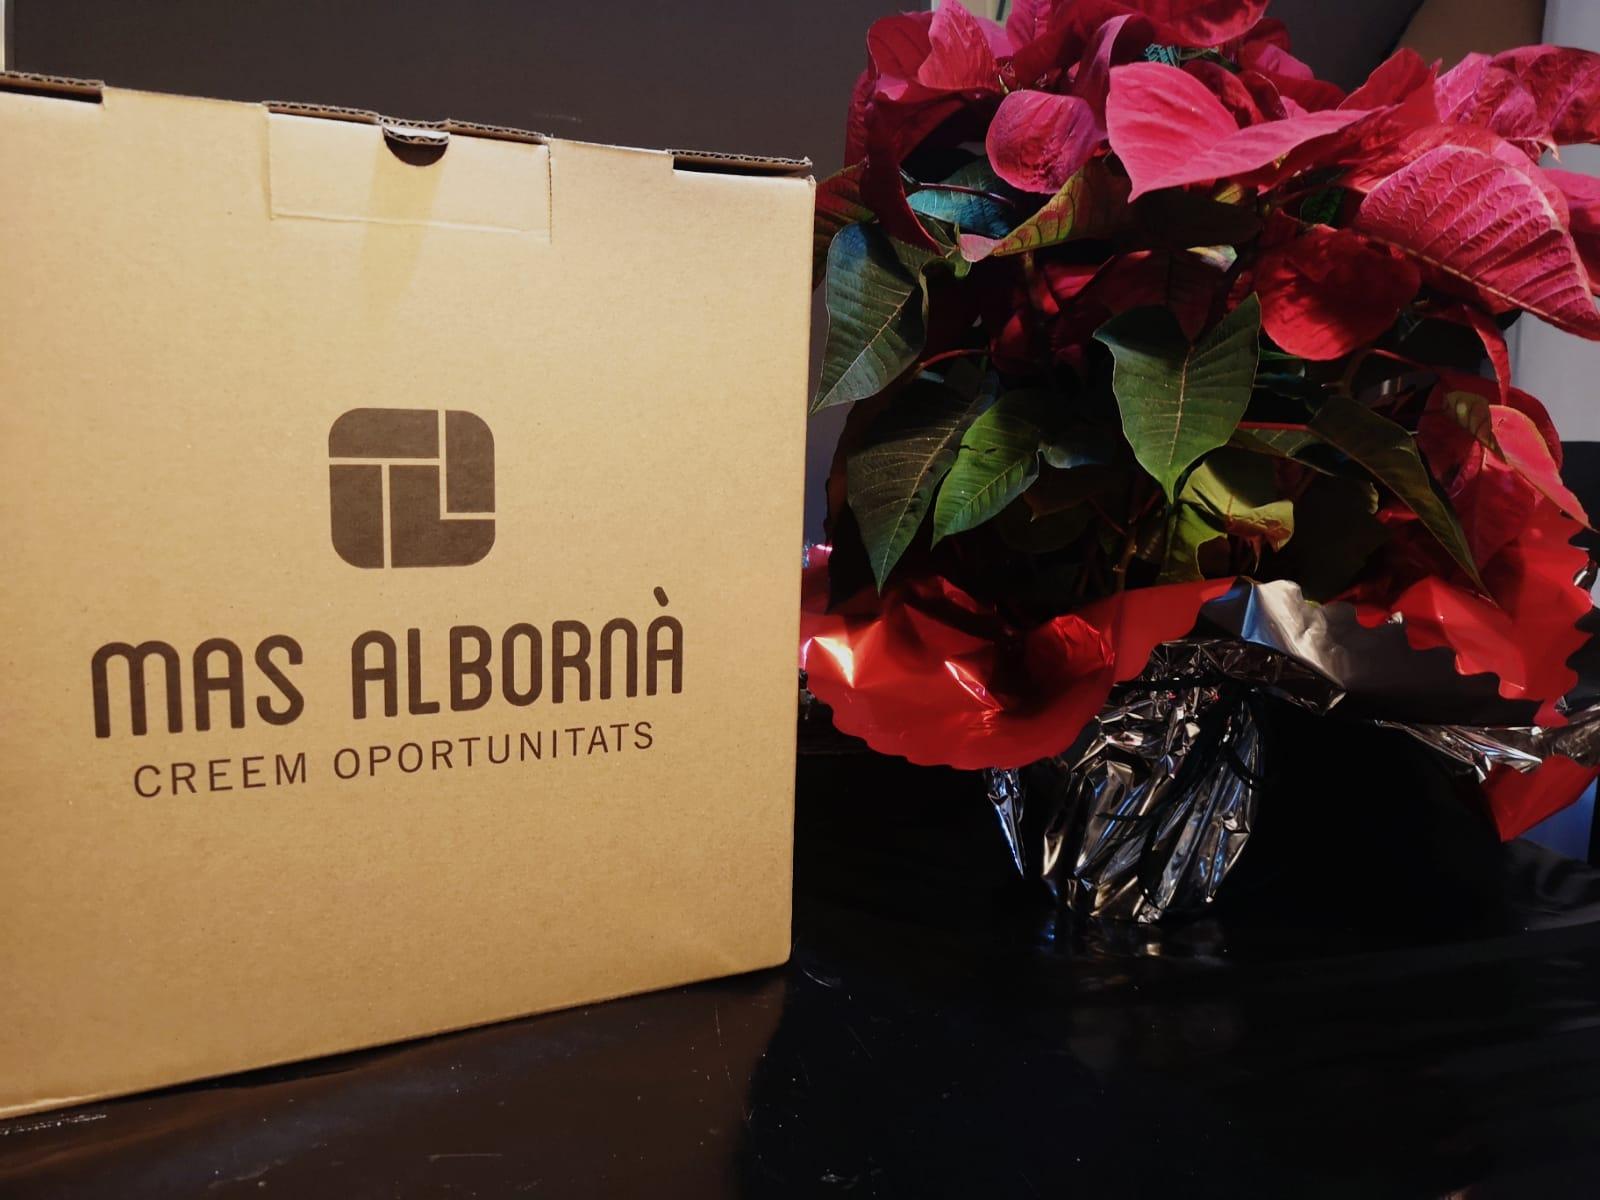 mas_alborna_lots_nadal